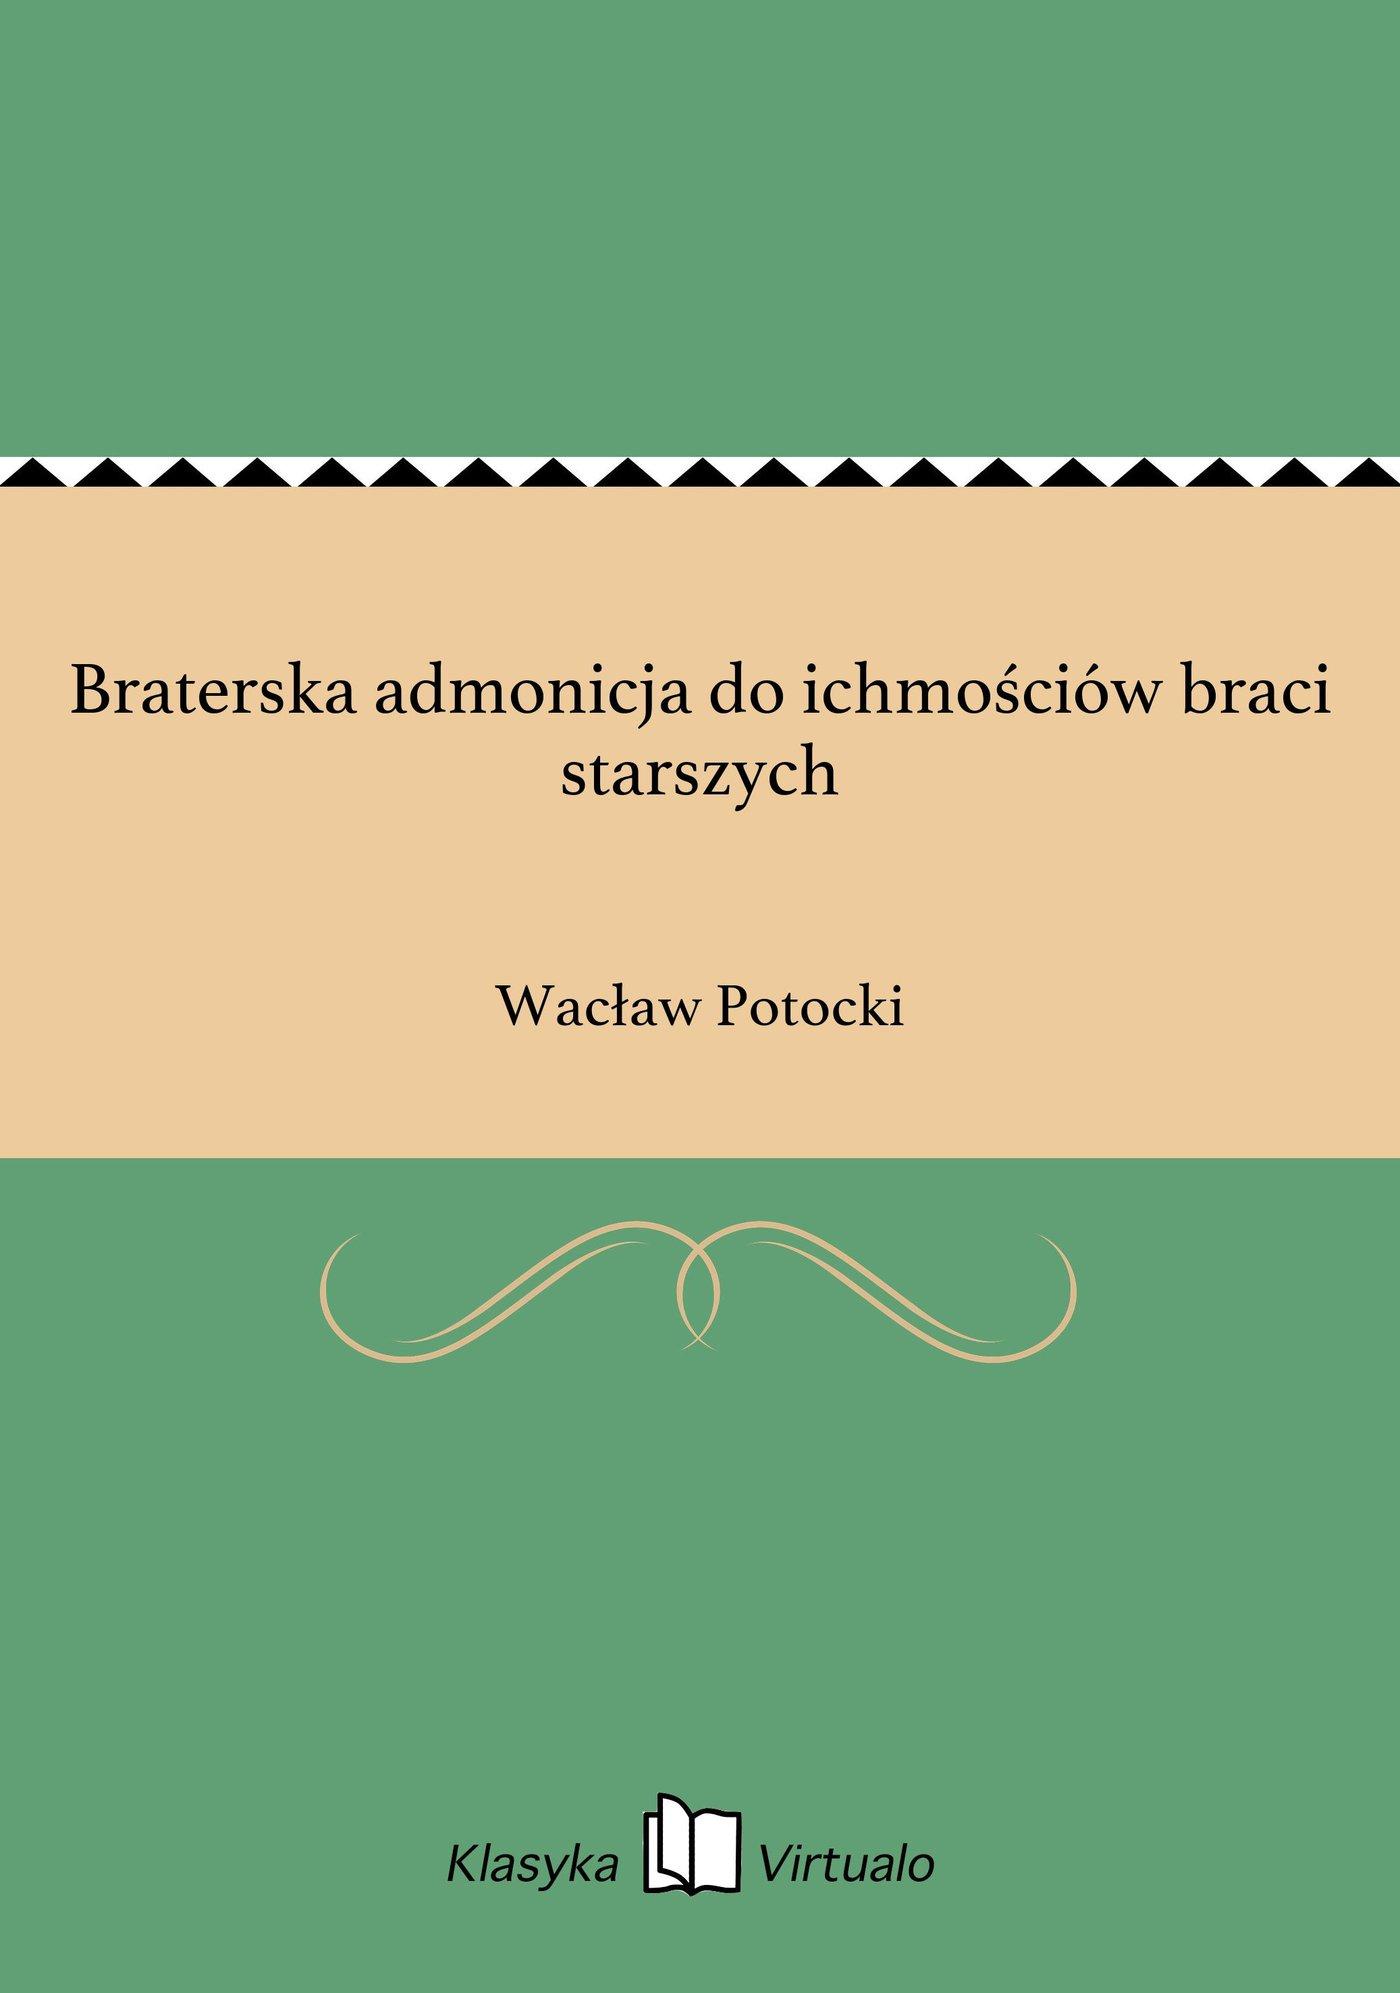 Braterska admonicja do ichmościów braci starszych - Ebook (Książka na Kindle) do pobrania w formacie MOBI